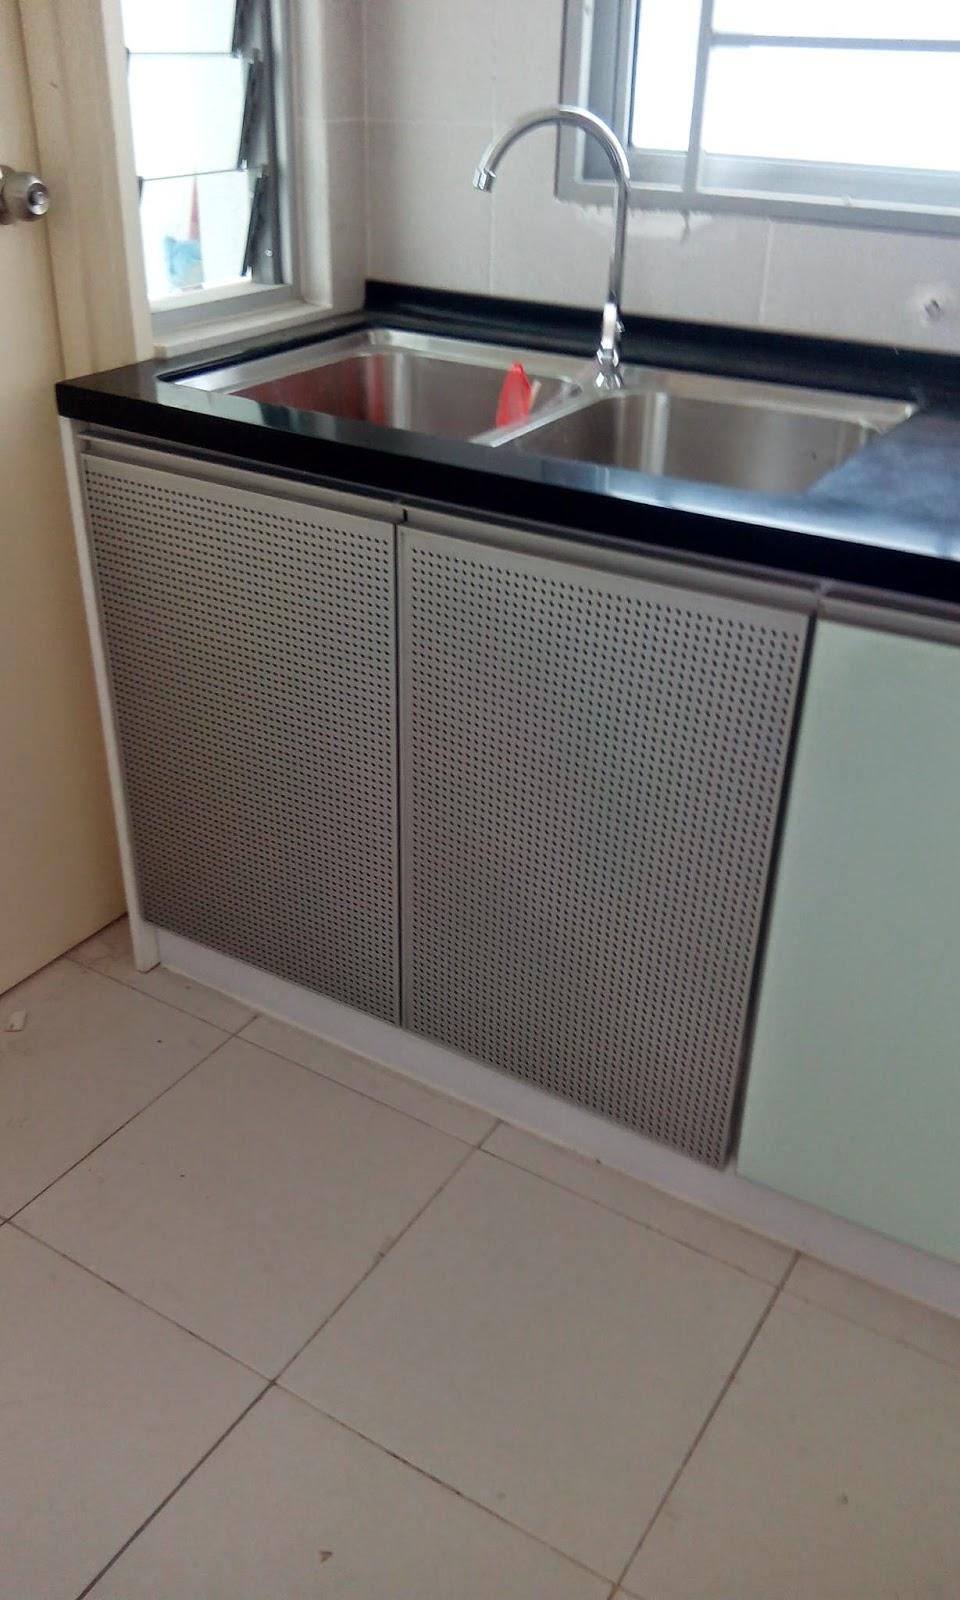 Terdapat Jugak Pintu Aluminium Untuk Bawah Sinki So Bau Hapak Dalam Kabinet Dapur Sudah Tiada Lagi